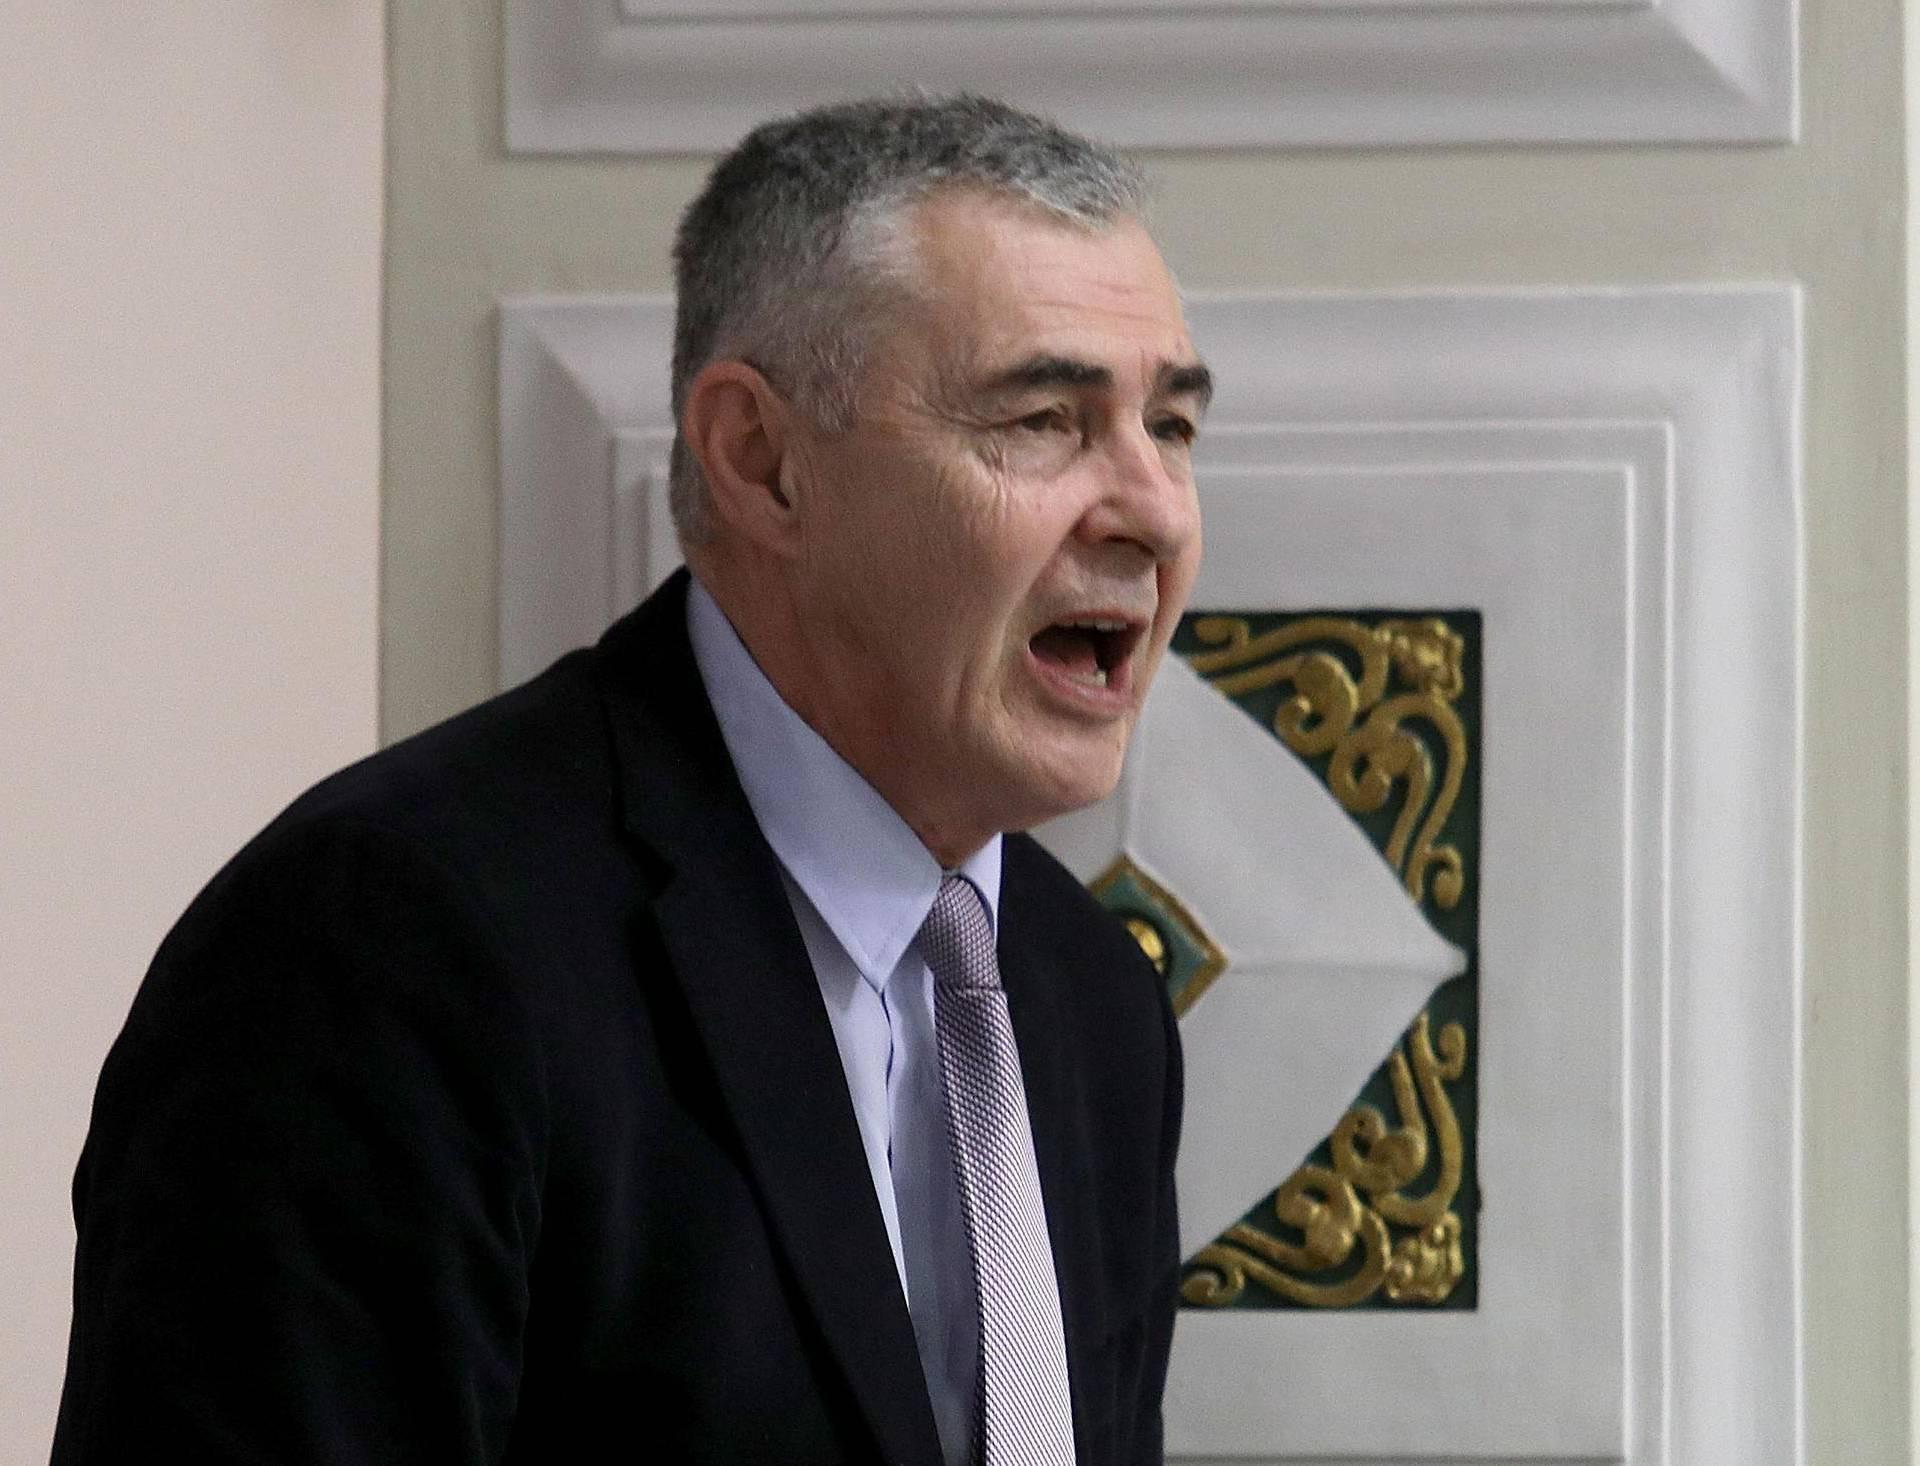 Željko Glasnović na kongresu ekstremno desne stranke NPD